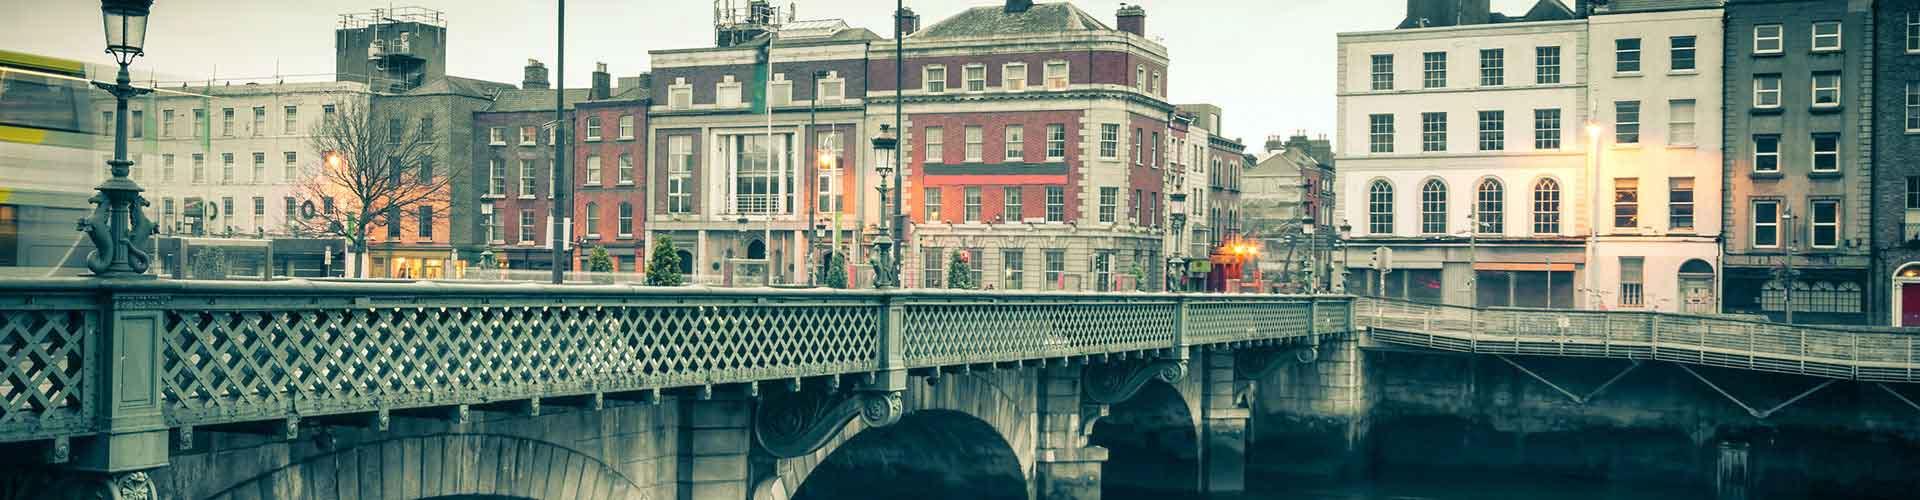 Dublin – Huoneet kohteessa Dublin. Dublin -karttoja, valokuvia ja arvosteluja kaikista Dublin -huoneista.